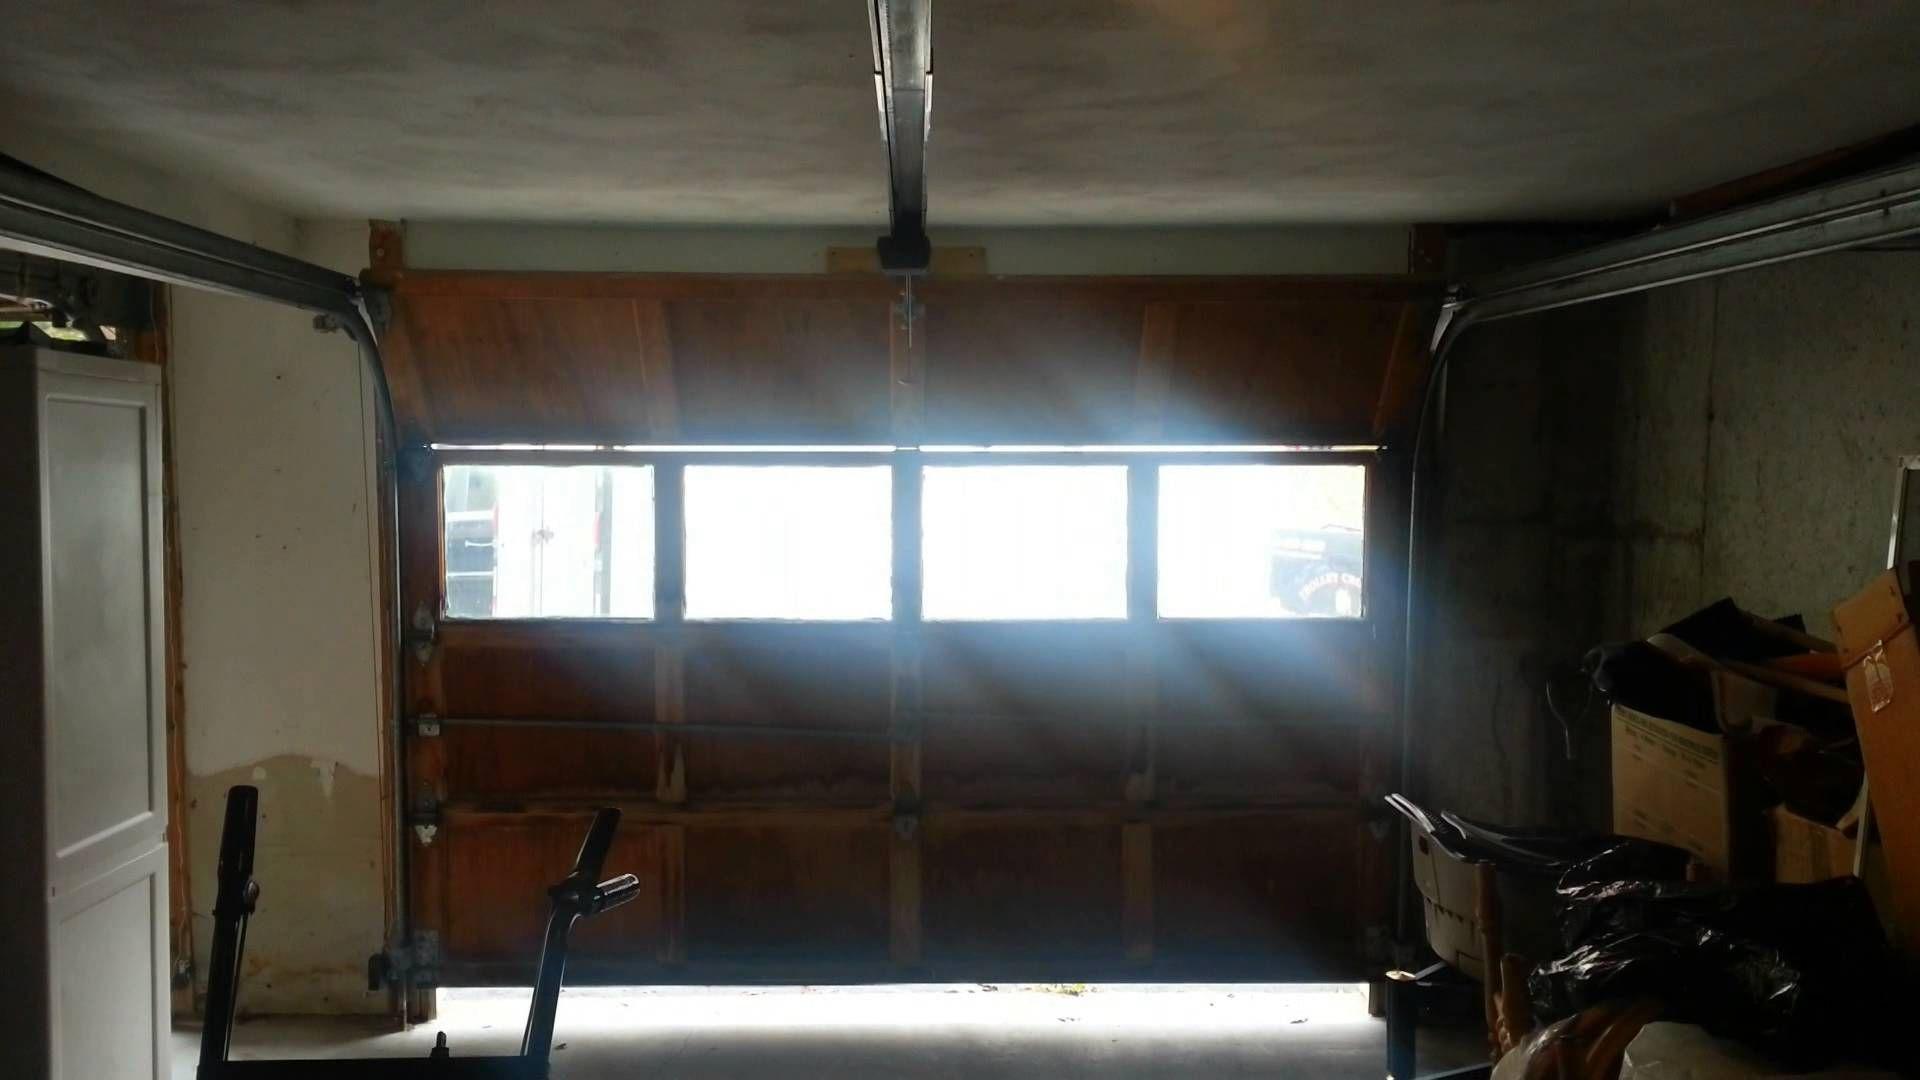 Sommer Synoris 550 Garage Door Opener And Raynor Garage Doors